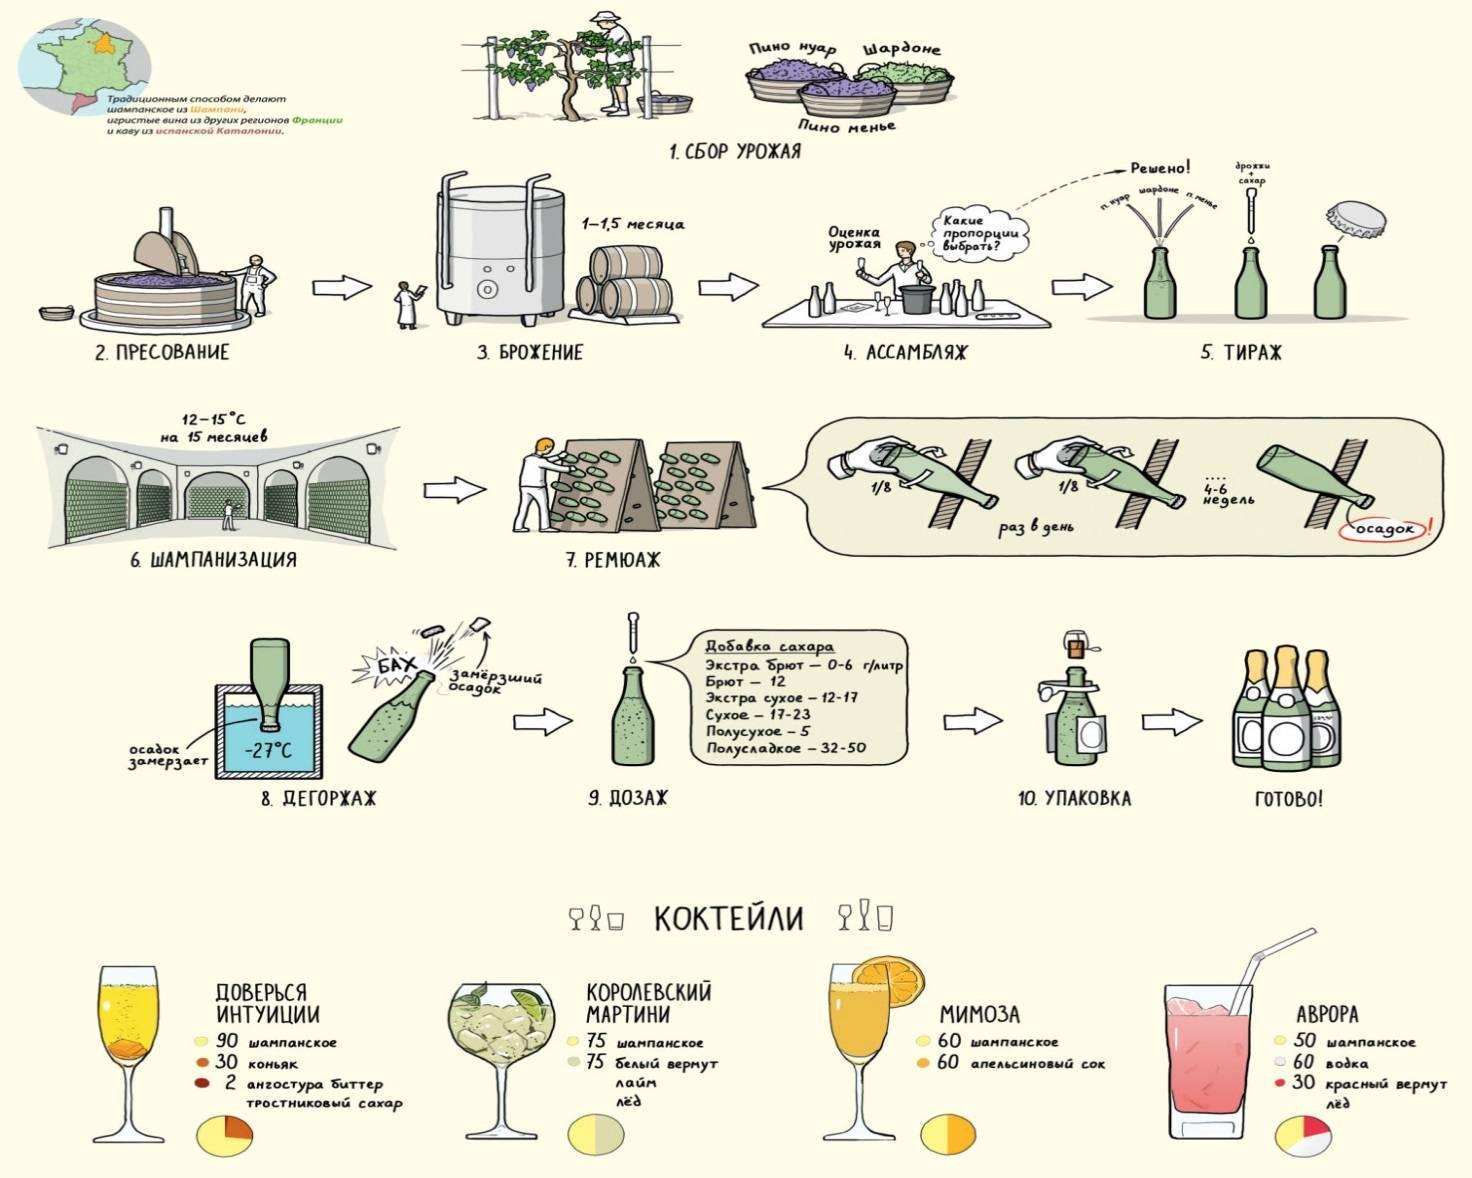 Организуем собственный винзавод: виноделия в промышленных масштабах